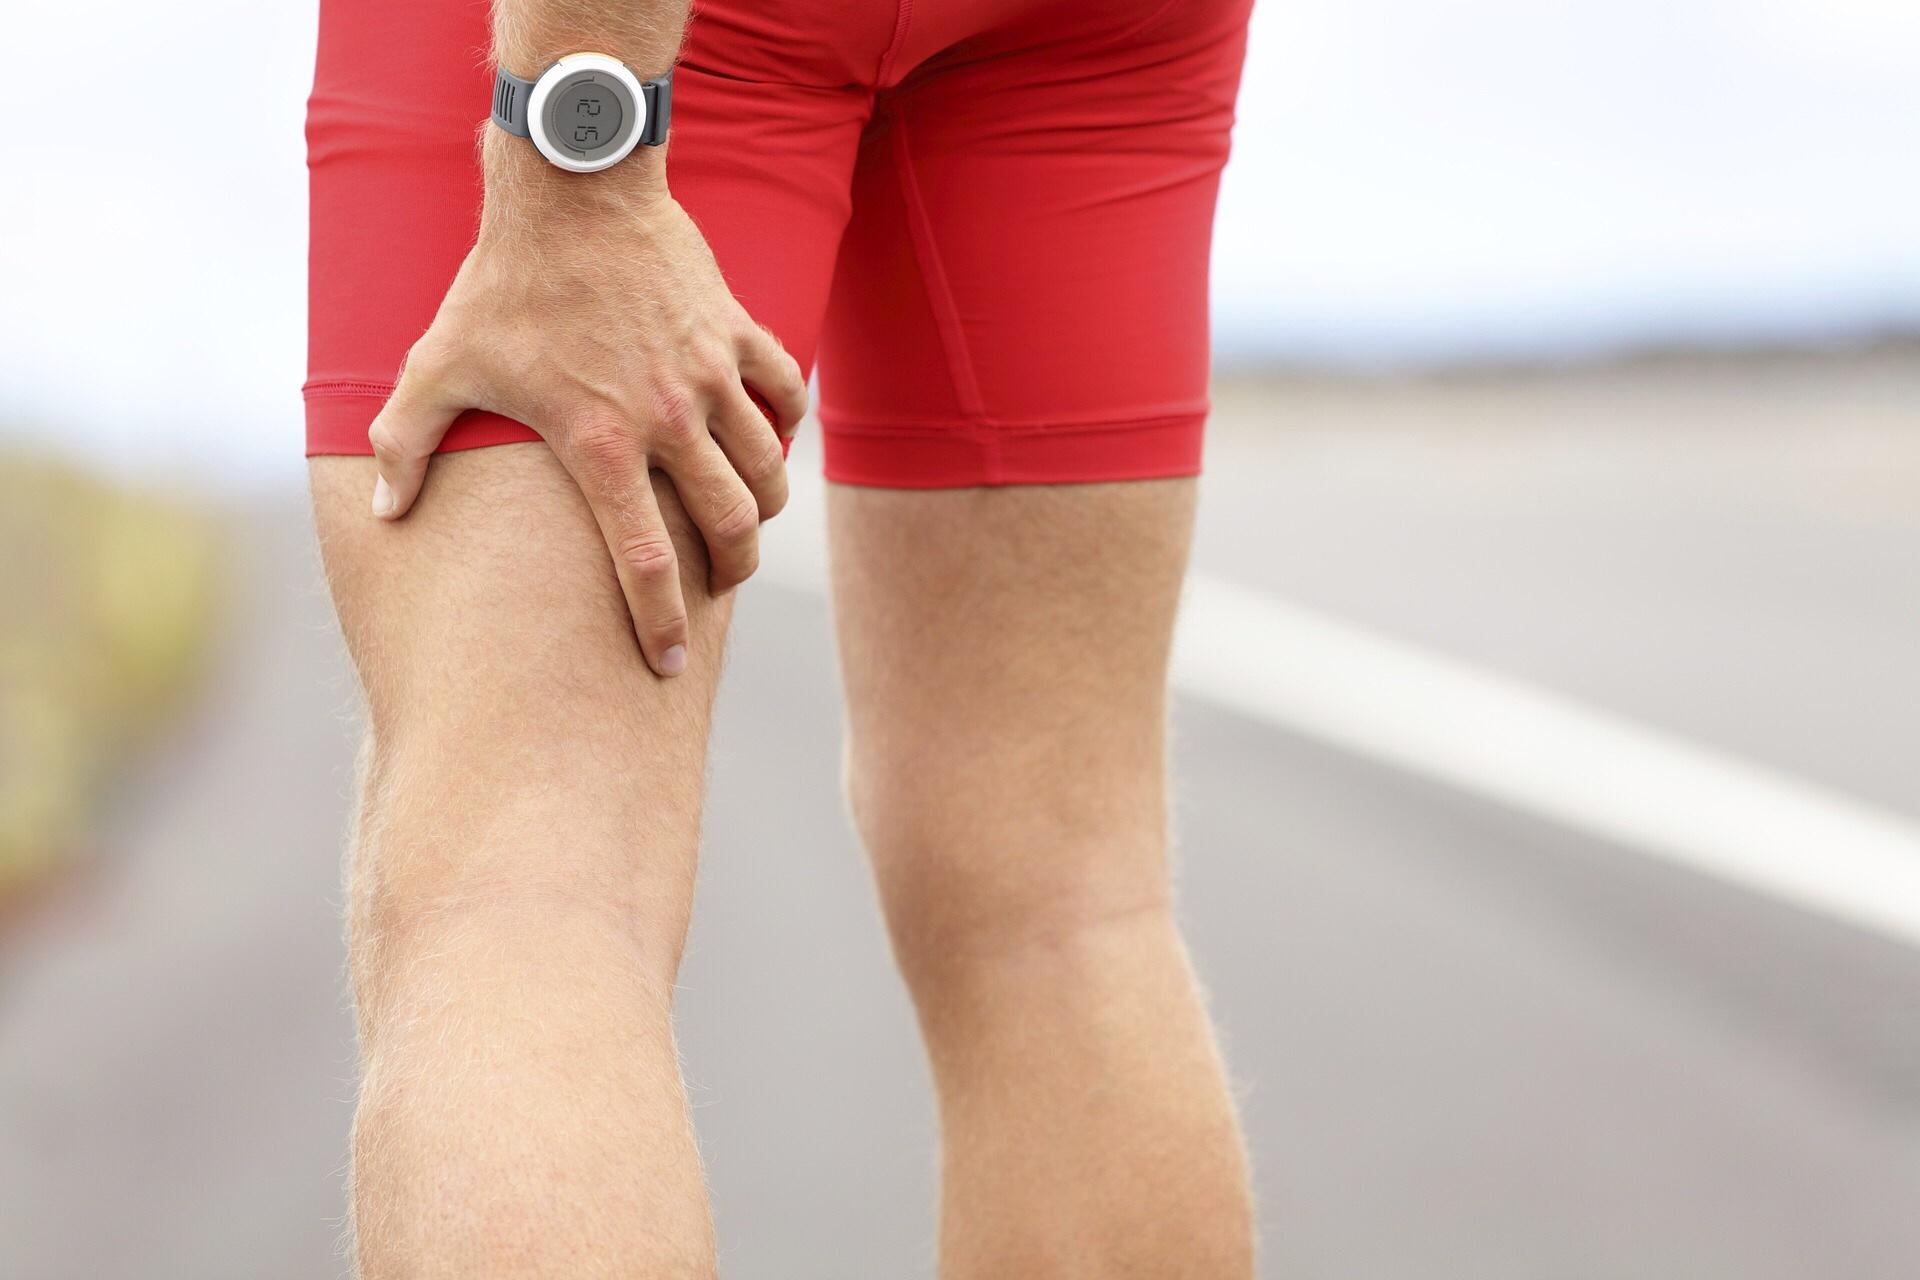 運動中や睡眠中に足がつる原因とその予防方法 #67